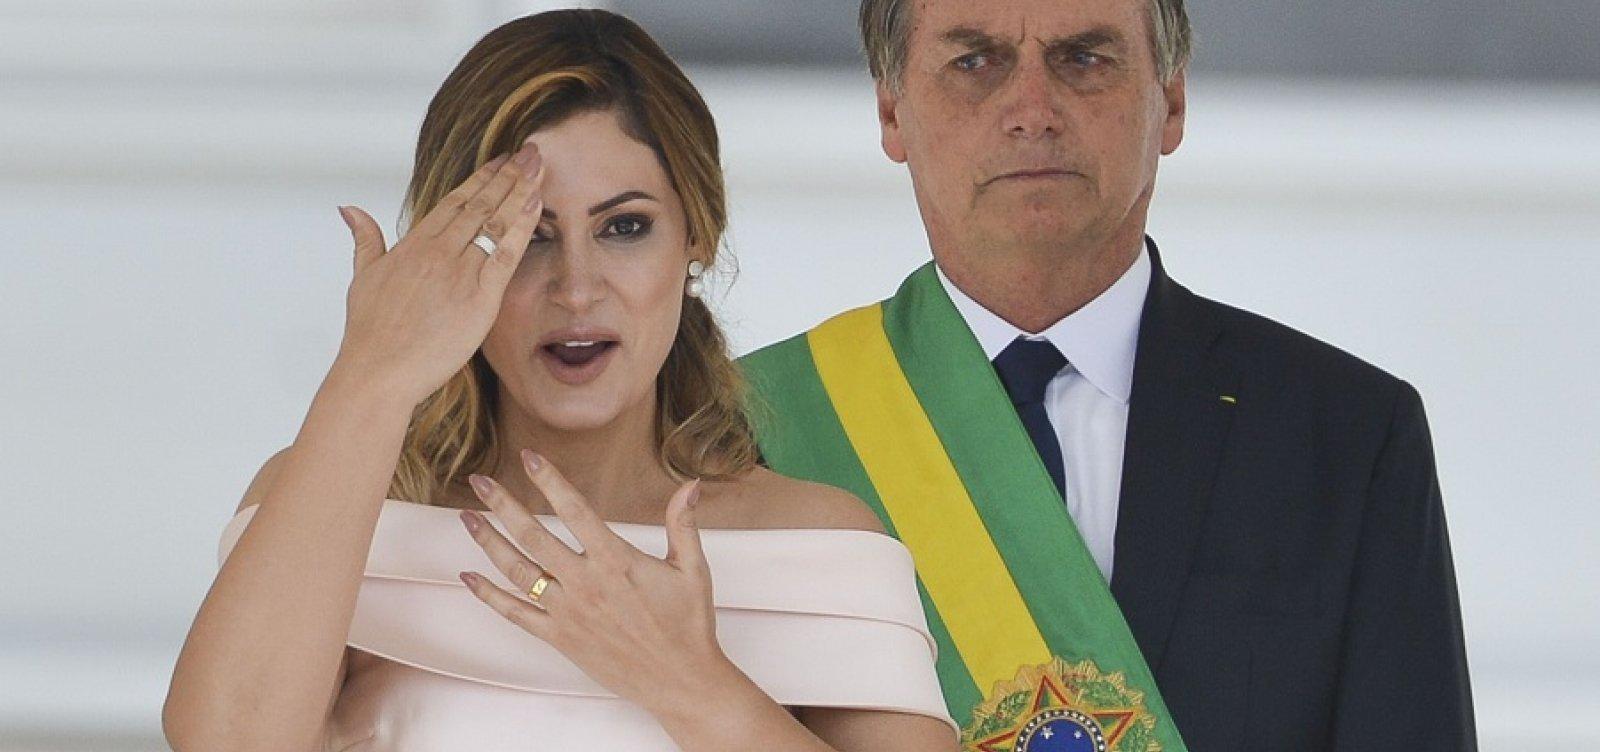 [Michelle diz ter avisado Bolsonaro sobre discurso em Libras duas horas antes]